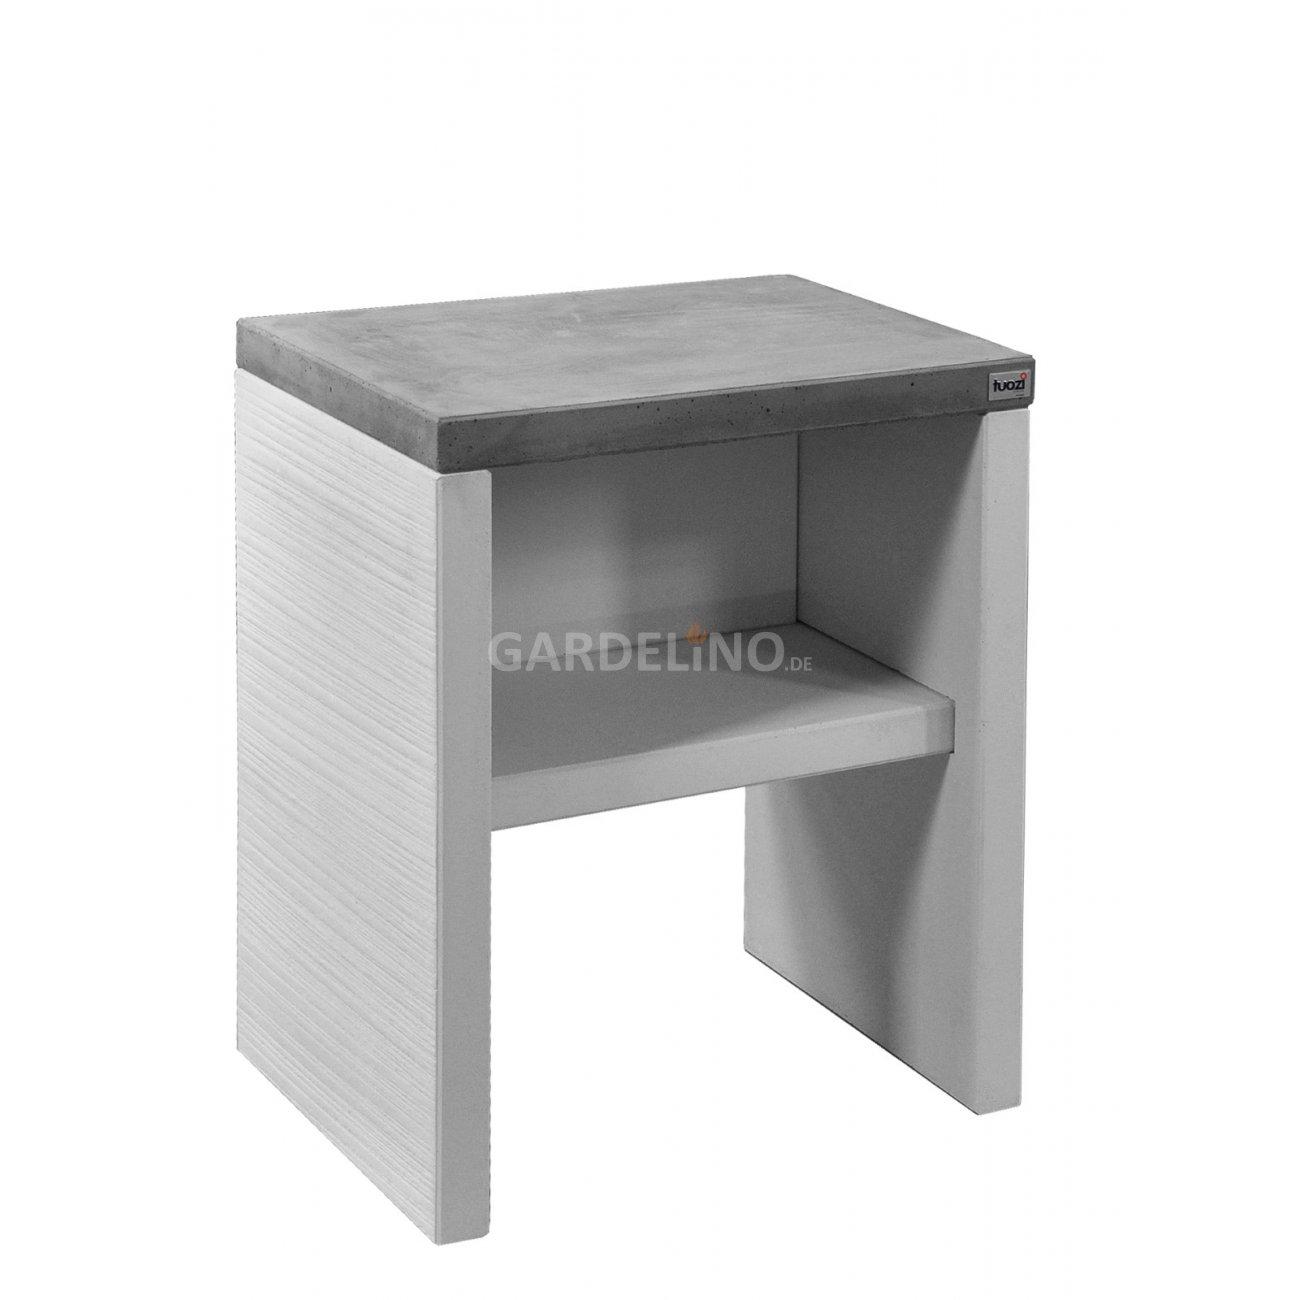 grillkamin beistelltisch aus beton tuozi plan serie. Black Bedroom Furniture Sets. Home Design Ideas